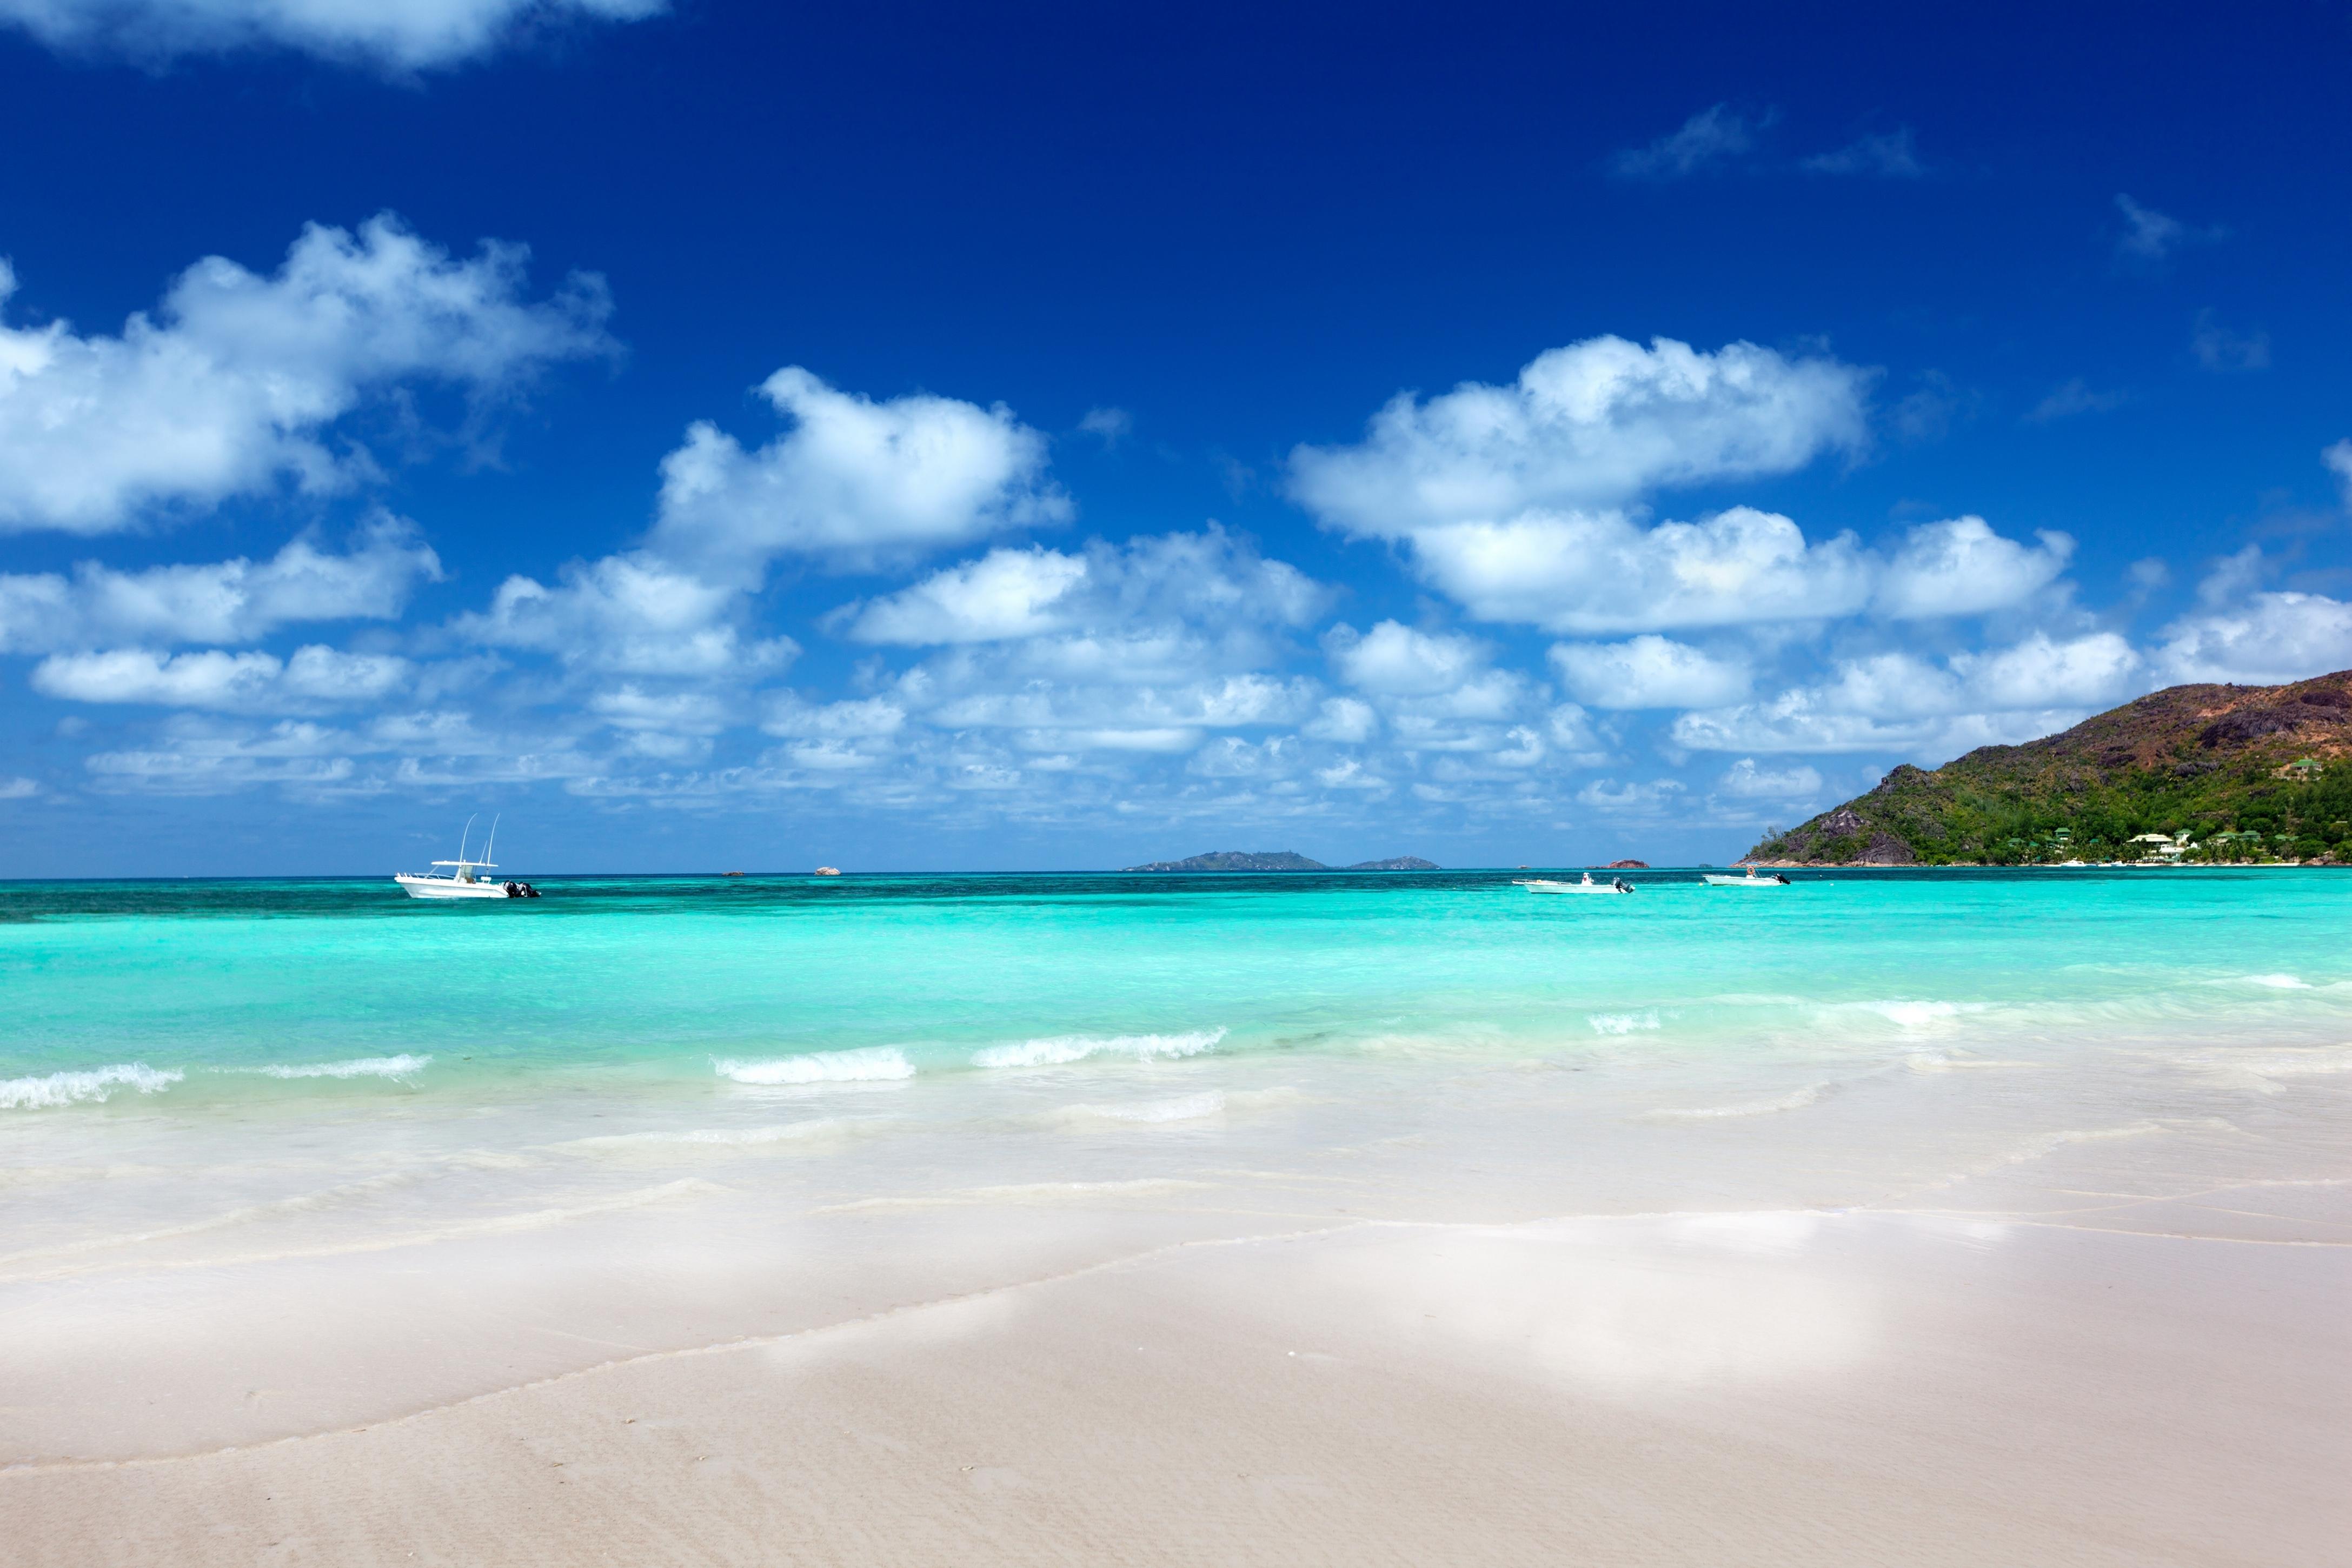 природа песок море горизонт небо облака  № 2577496 загрузить